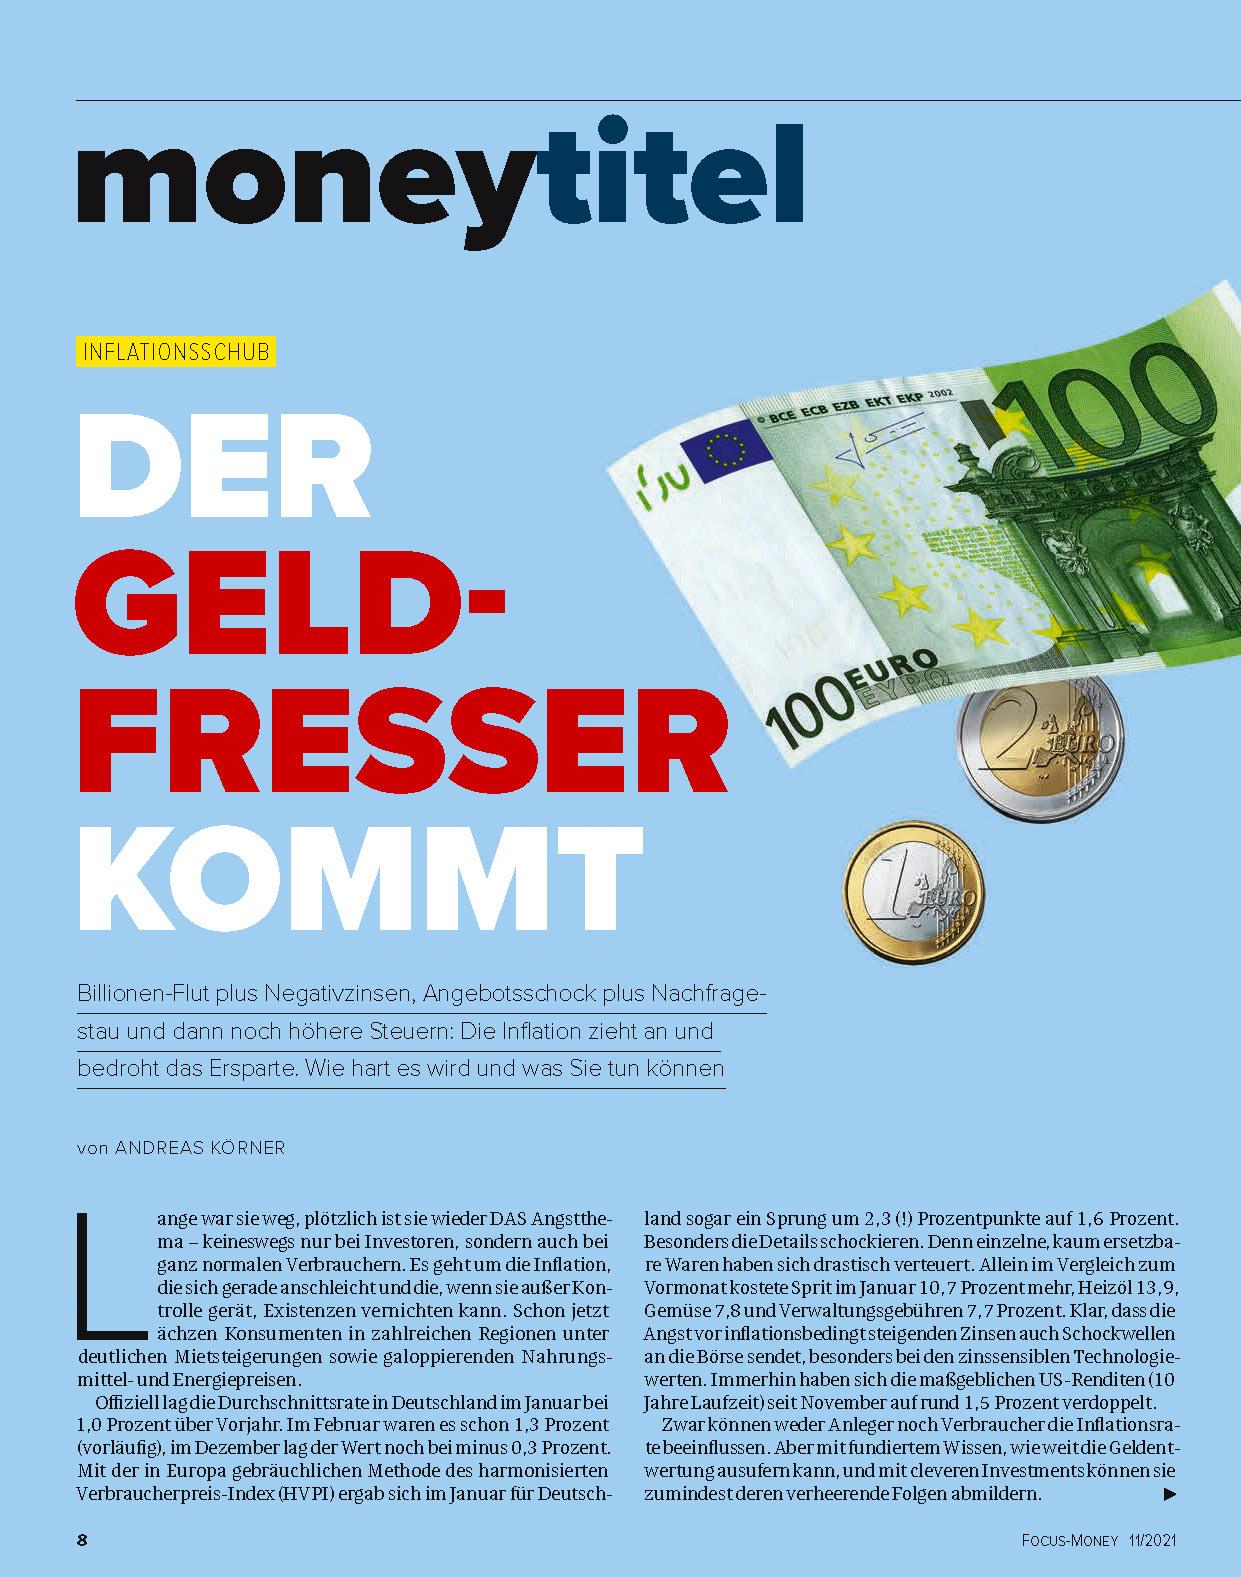 FOCUS-MONEY FOCUS MONEY – Inflationsgefahr! So legen Sie ihr Geld jetzt neu an